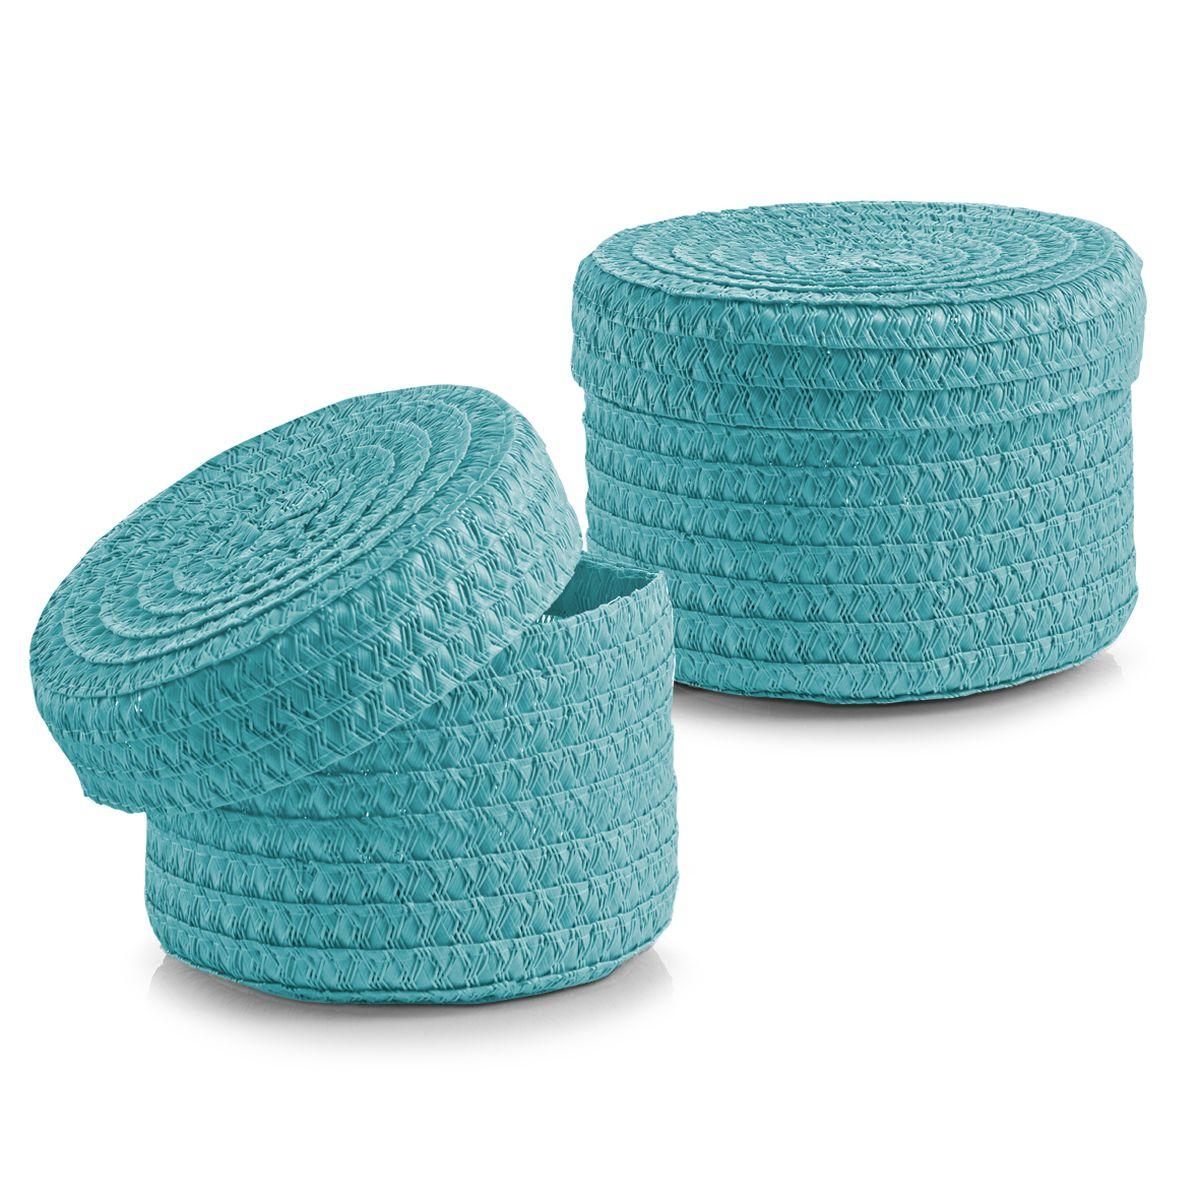 Набор корзинок Zeller, 2 предмета. 1402214022Набор корзинок изготовлен из текстиля. Подходит: - для упаковки подарков, цветочных композиций и подарочных наборов; - для хранения различных вещей, аксессуаров; - как декоративный элемент интерьера. Корзины выполнены из экологически чистого материала, будут создавать уют и комфорт в Вашем доме. d-16x10; d-17x12